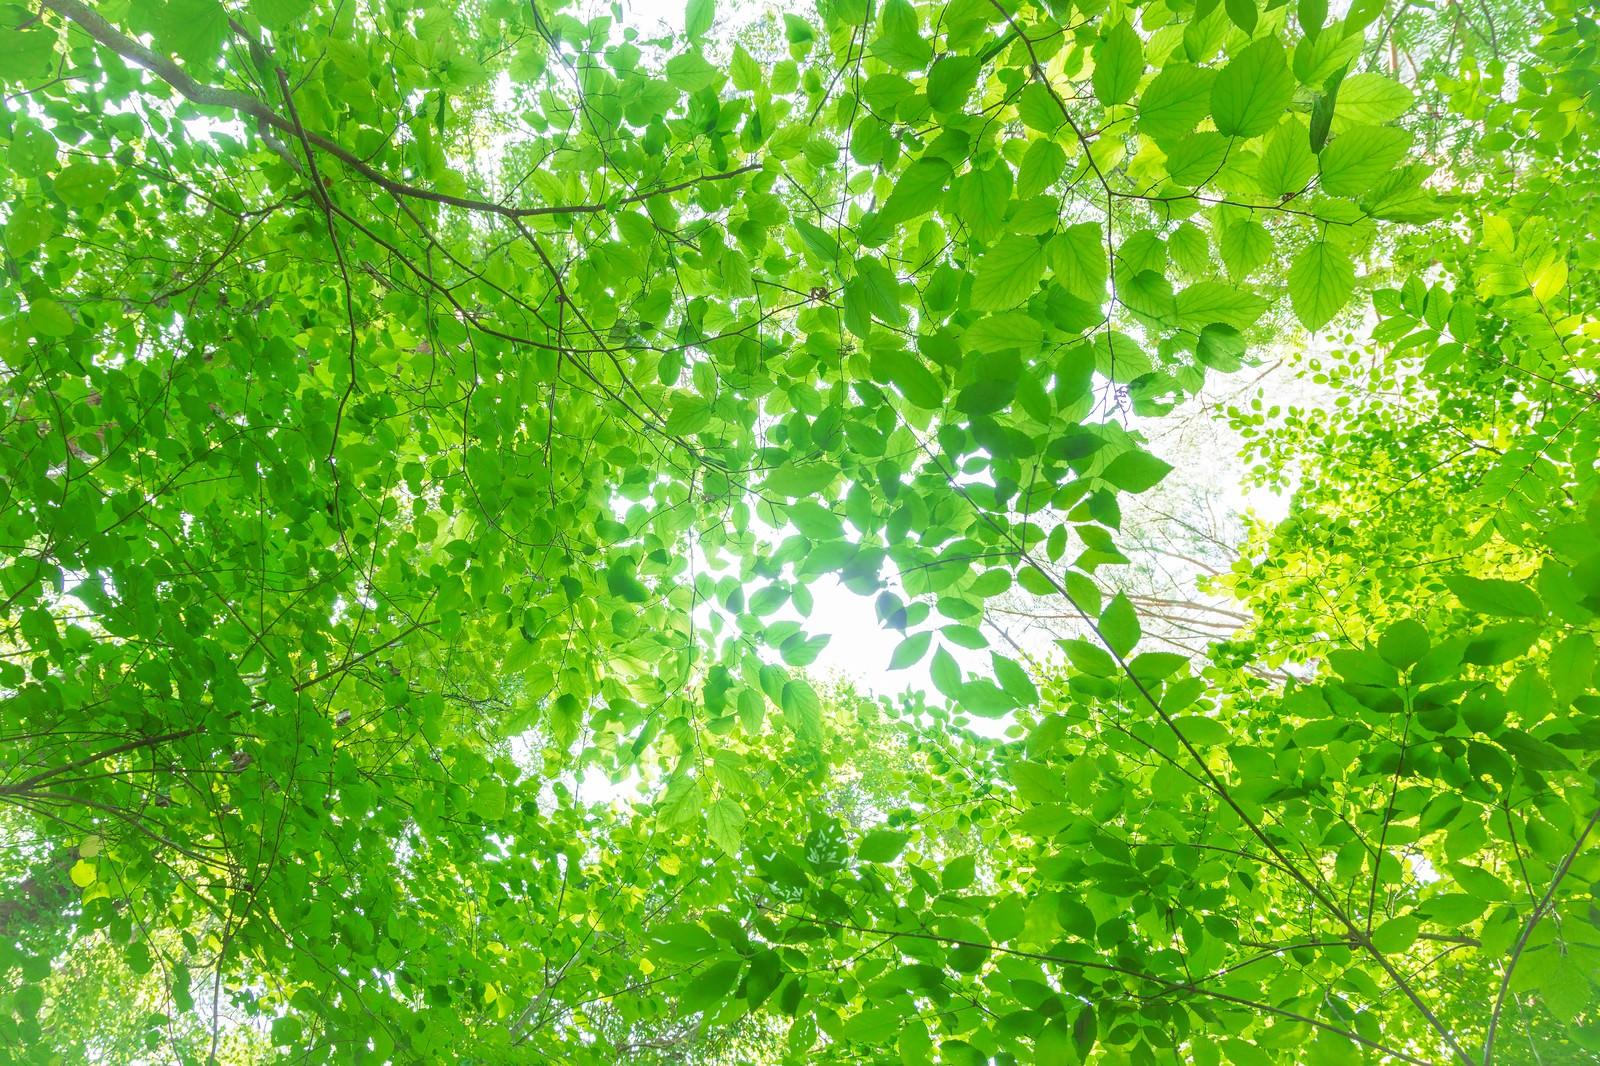 「夏の木漏れ日」の写真